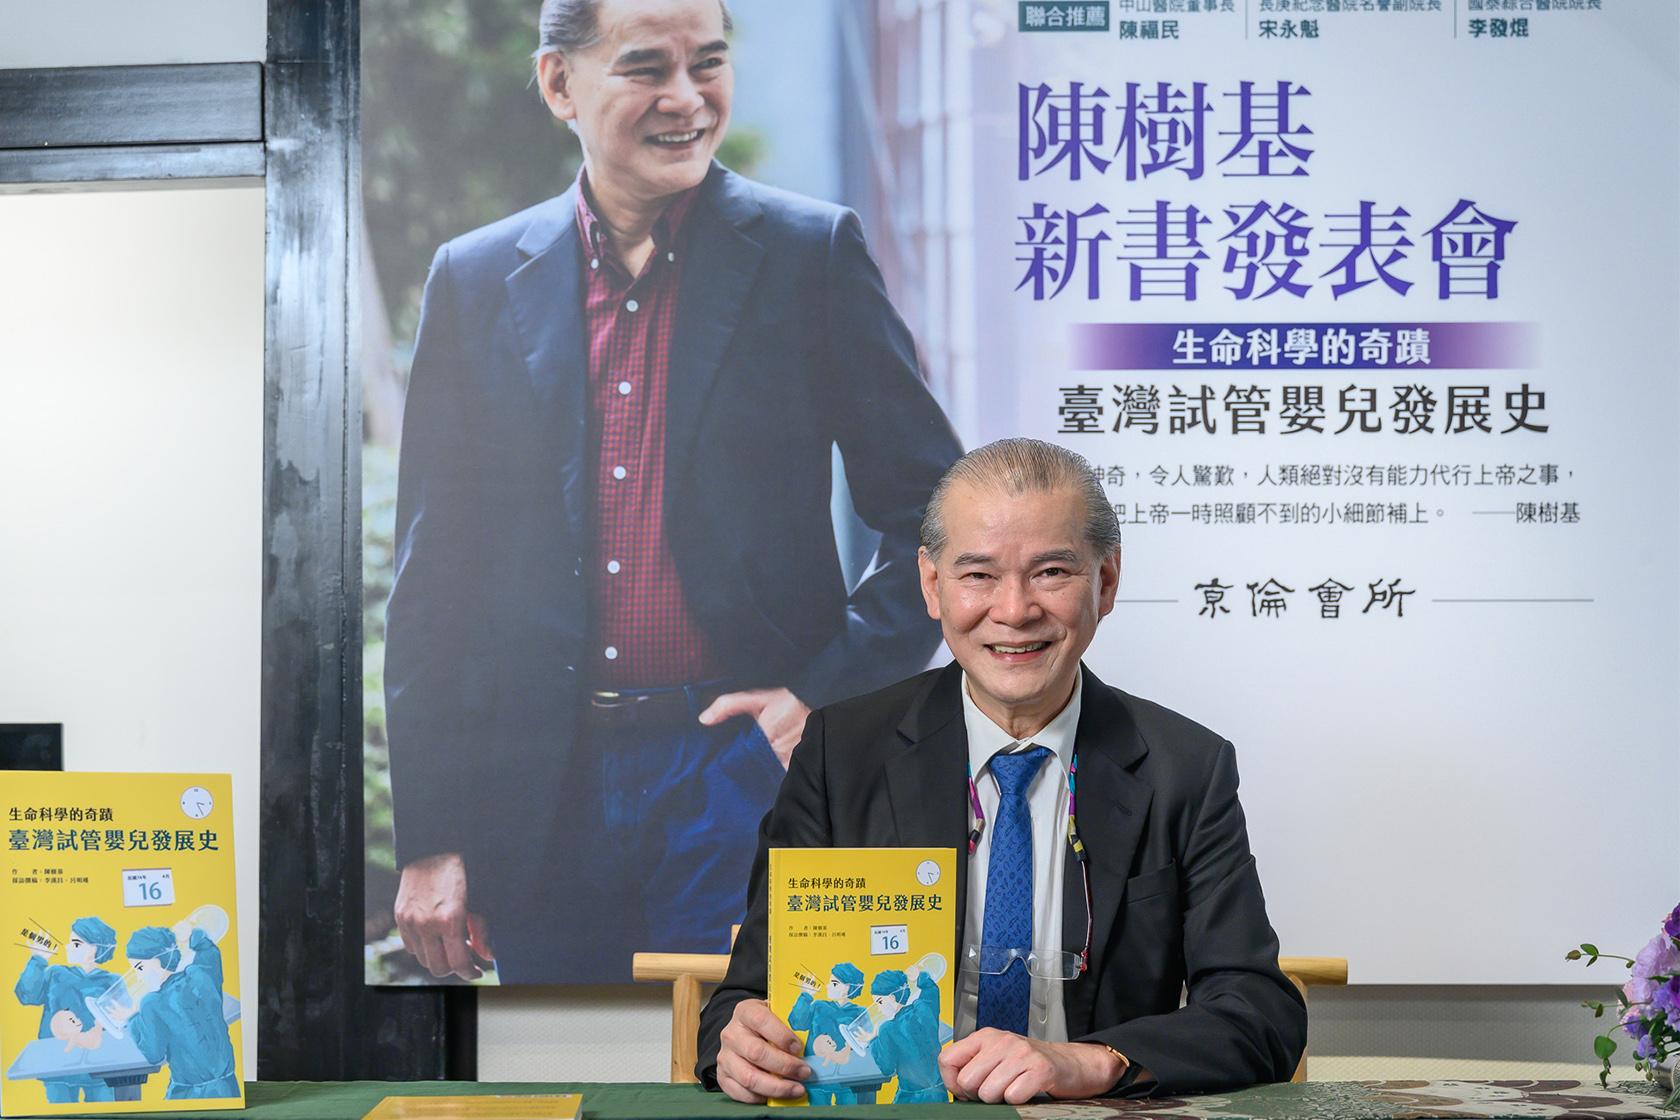 《生命科學的奇蹟:台灣試管嬰兒發展史》慶賀台灣試管嬰兒發展35年